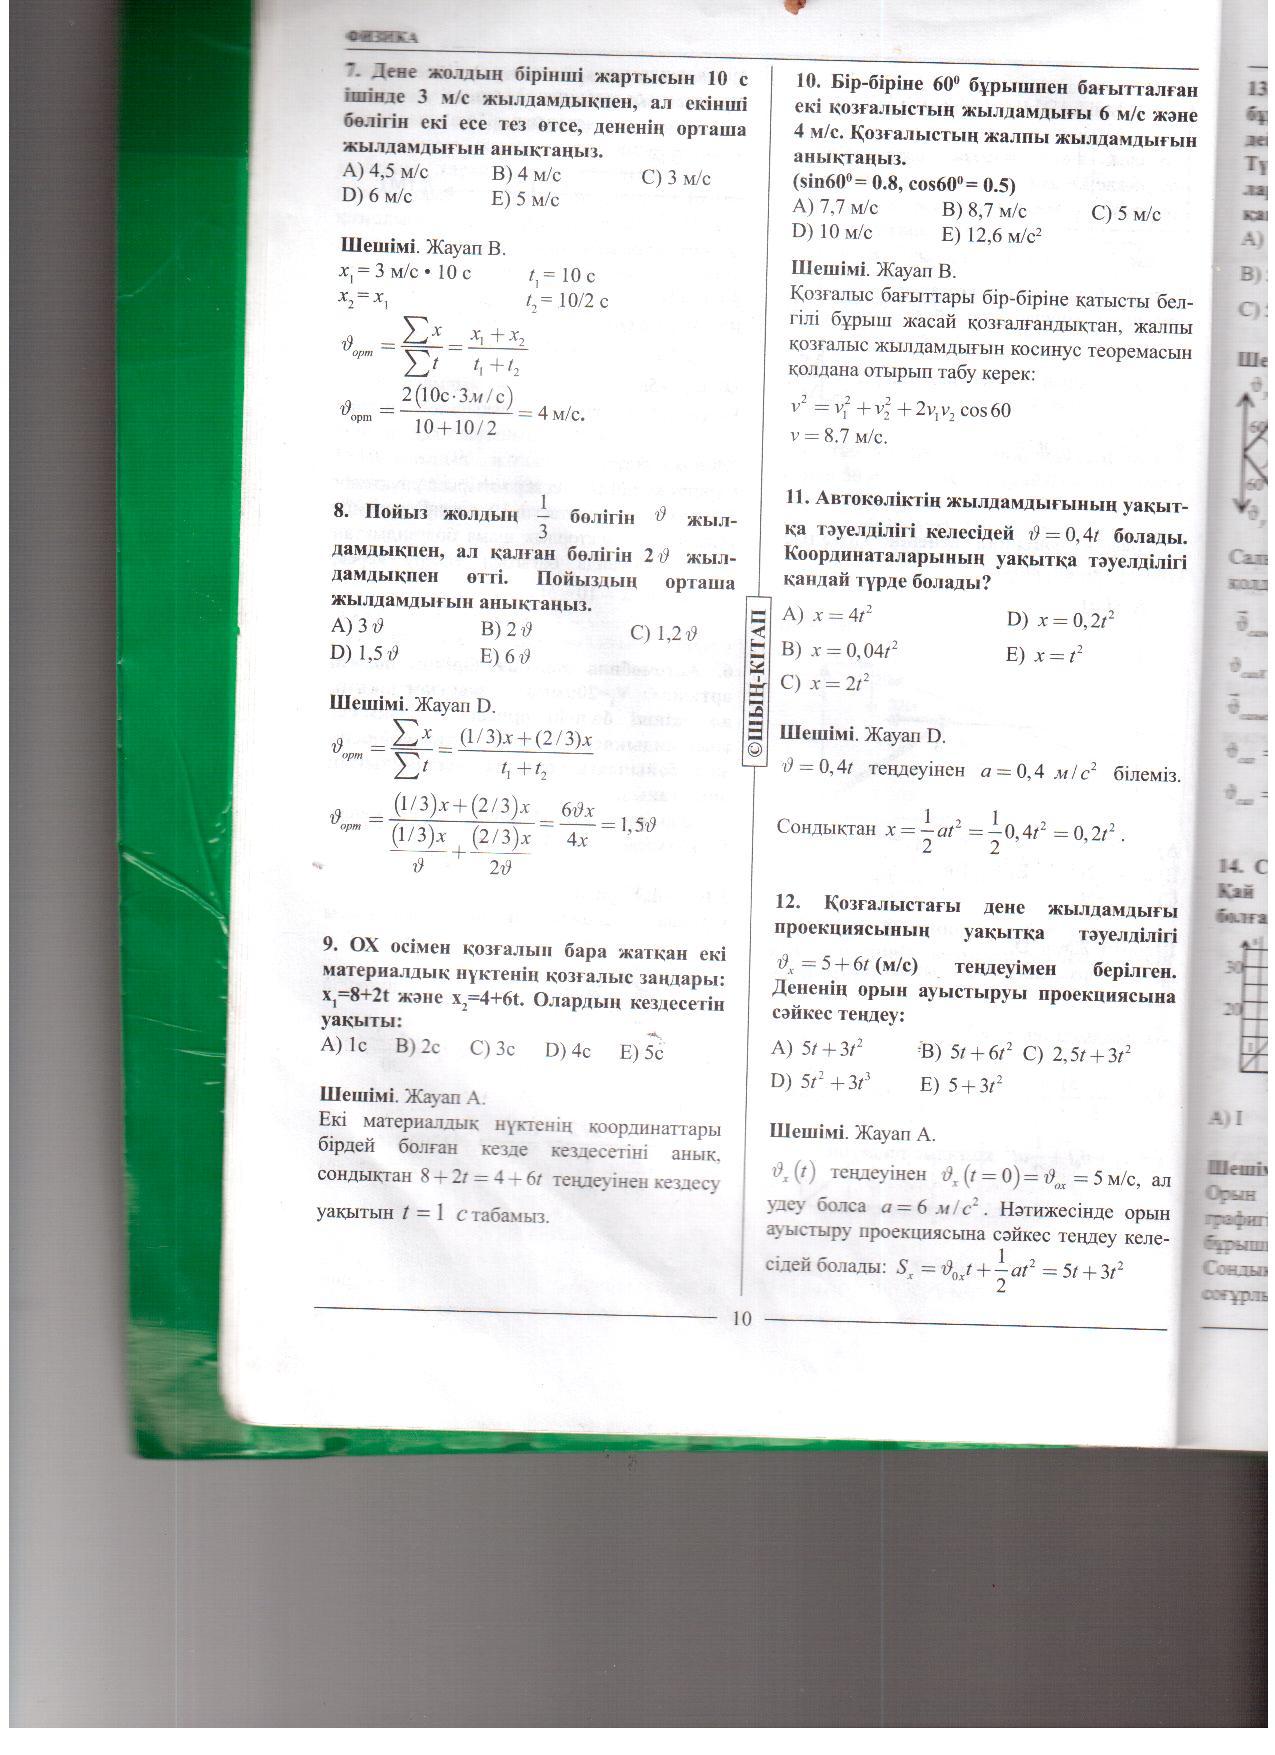 C:\Documents and Settings\Admin\Мои документы\Мои рисунки\Изображение\Изображение 013.jpg